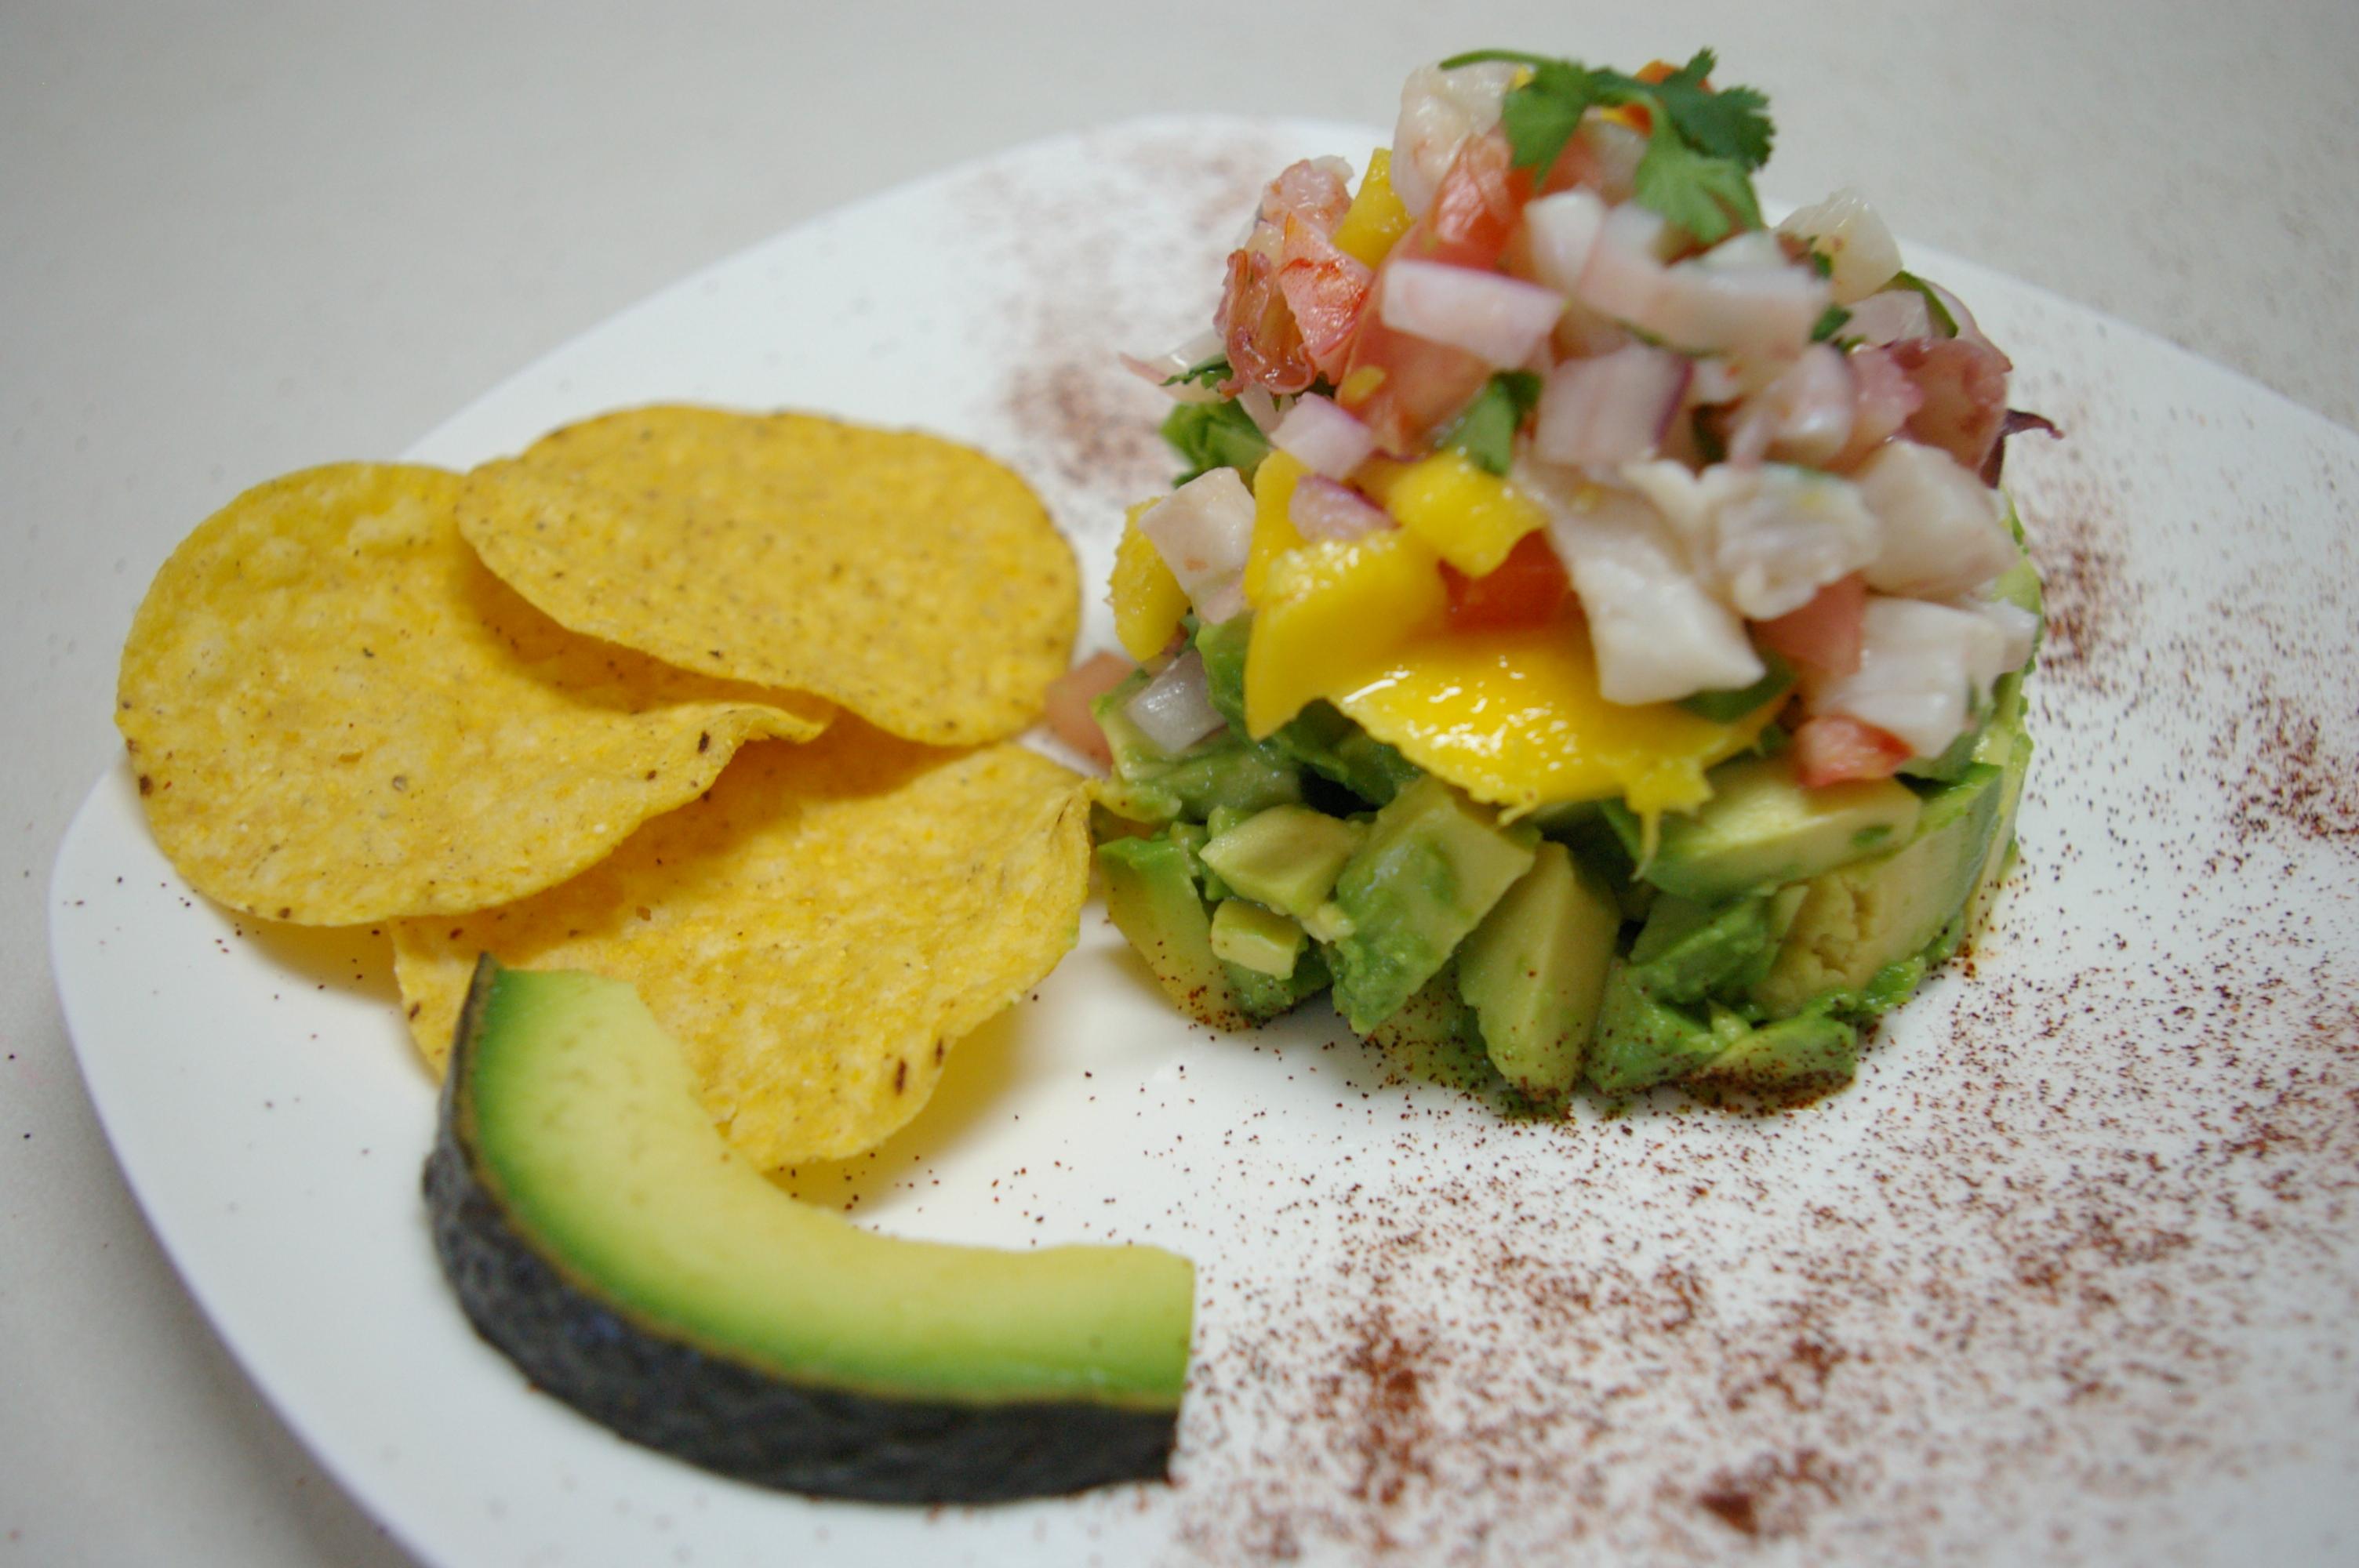 Receta de Ceviche de Mariscos con Mango, Jalapeño y Cilantro